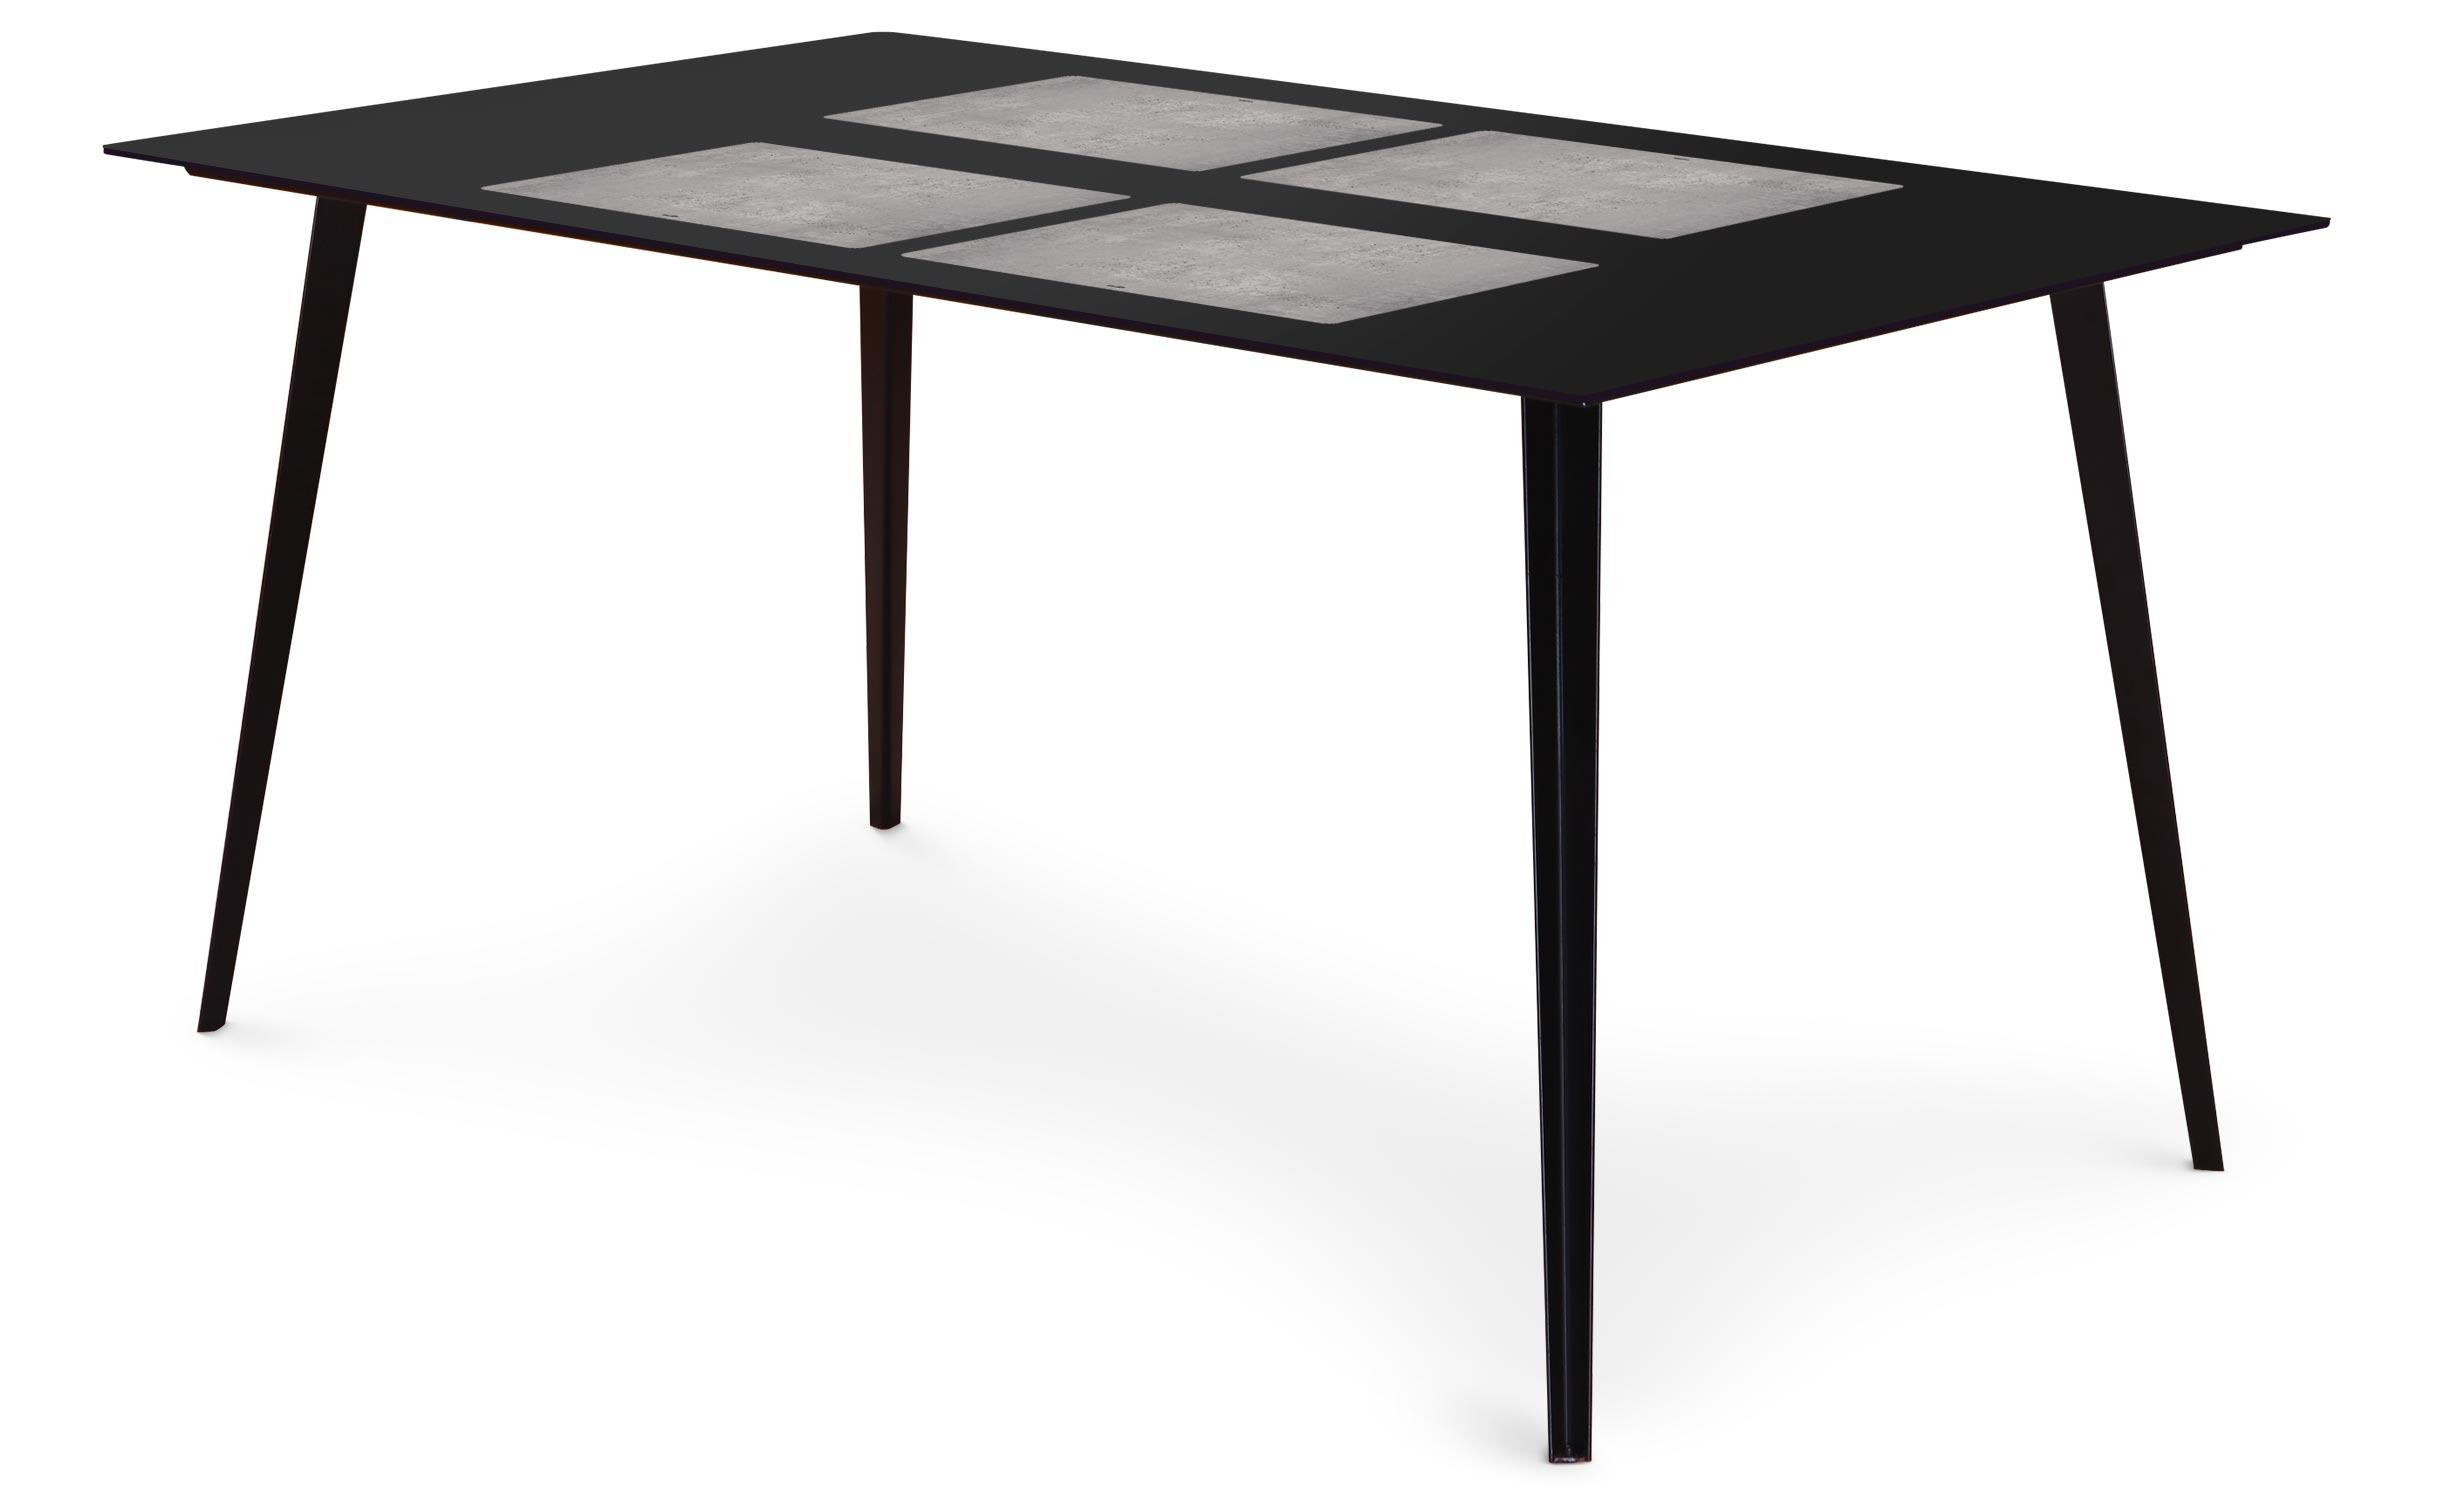 Table magnétique rectangulaire 150x90cm Bipolart Métal Noir avec 4 Sets de table Effet Béton